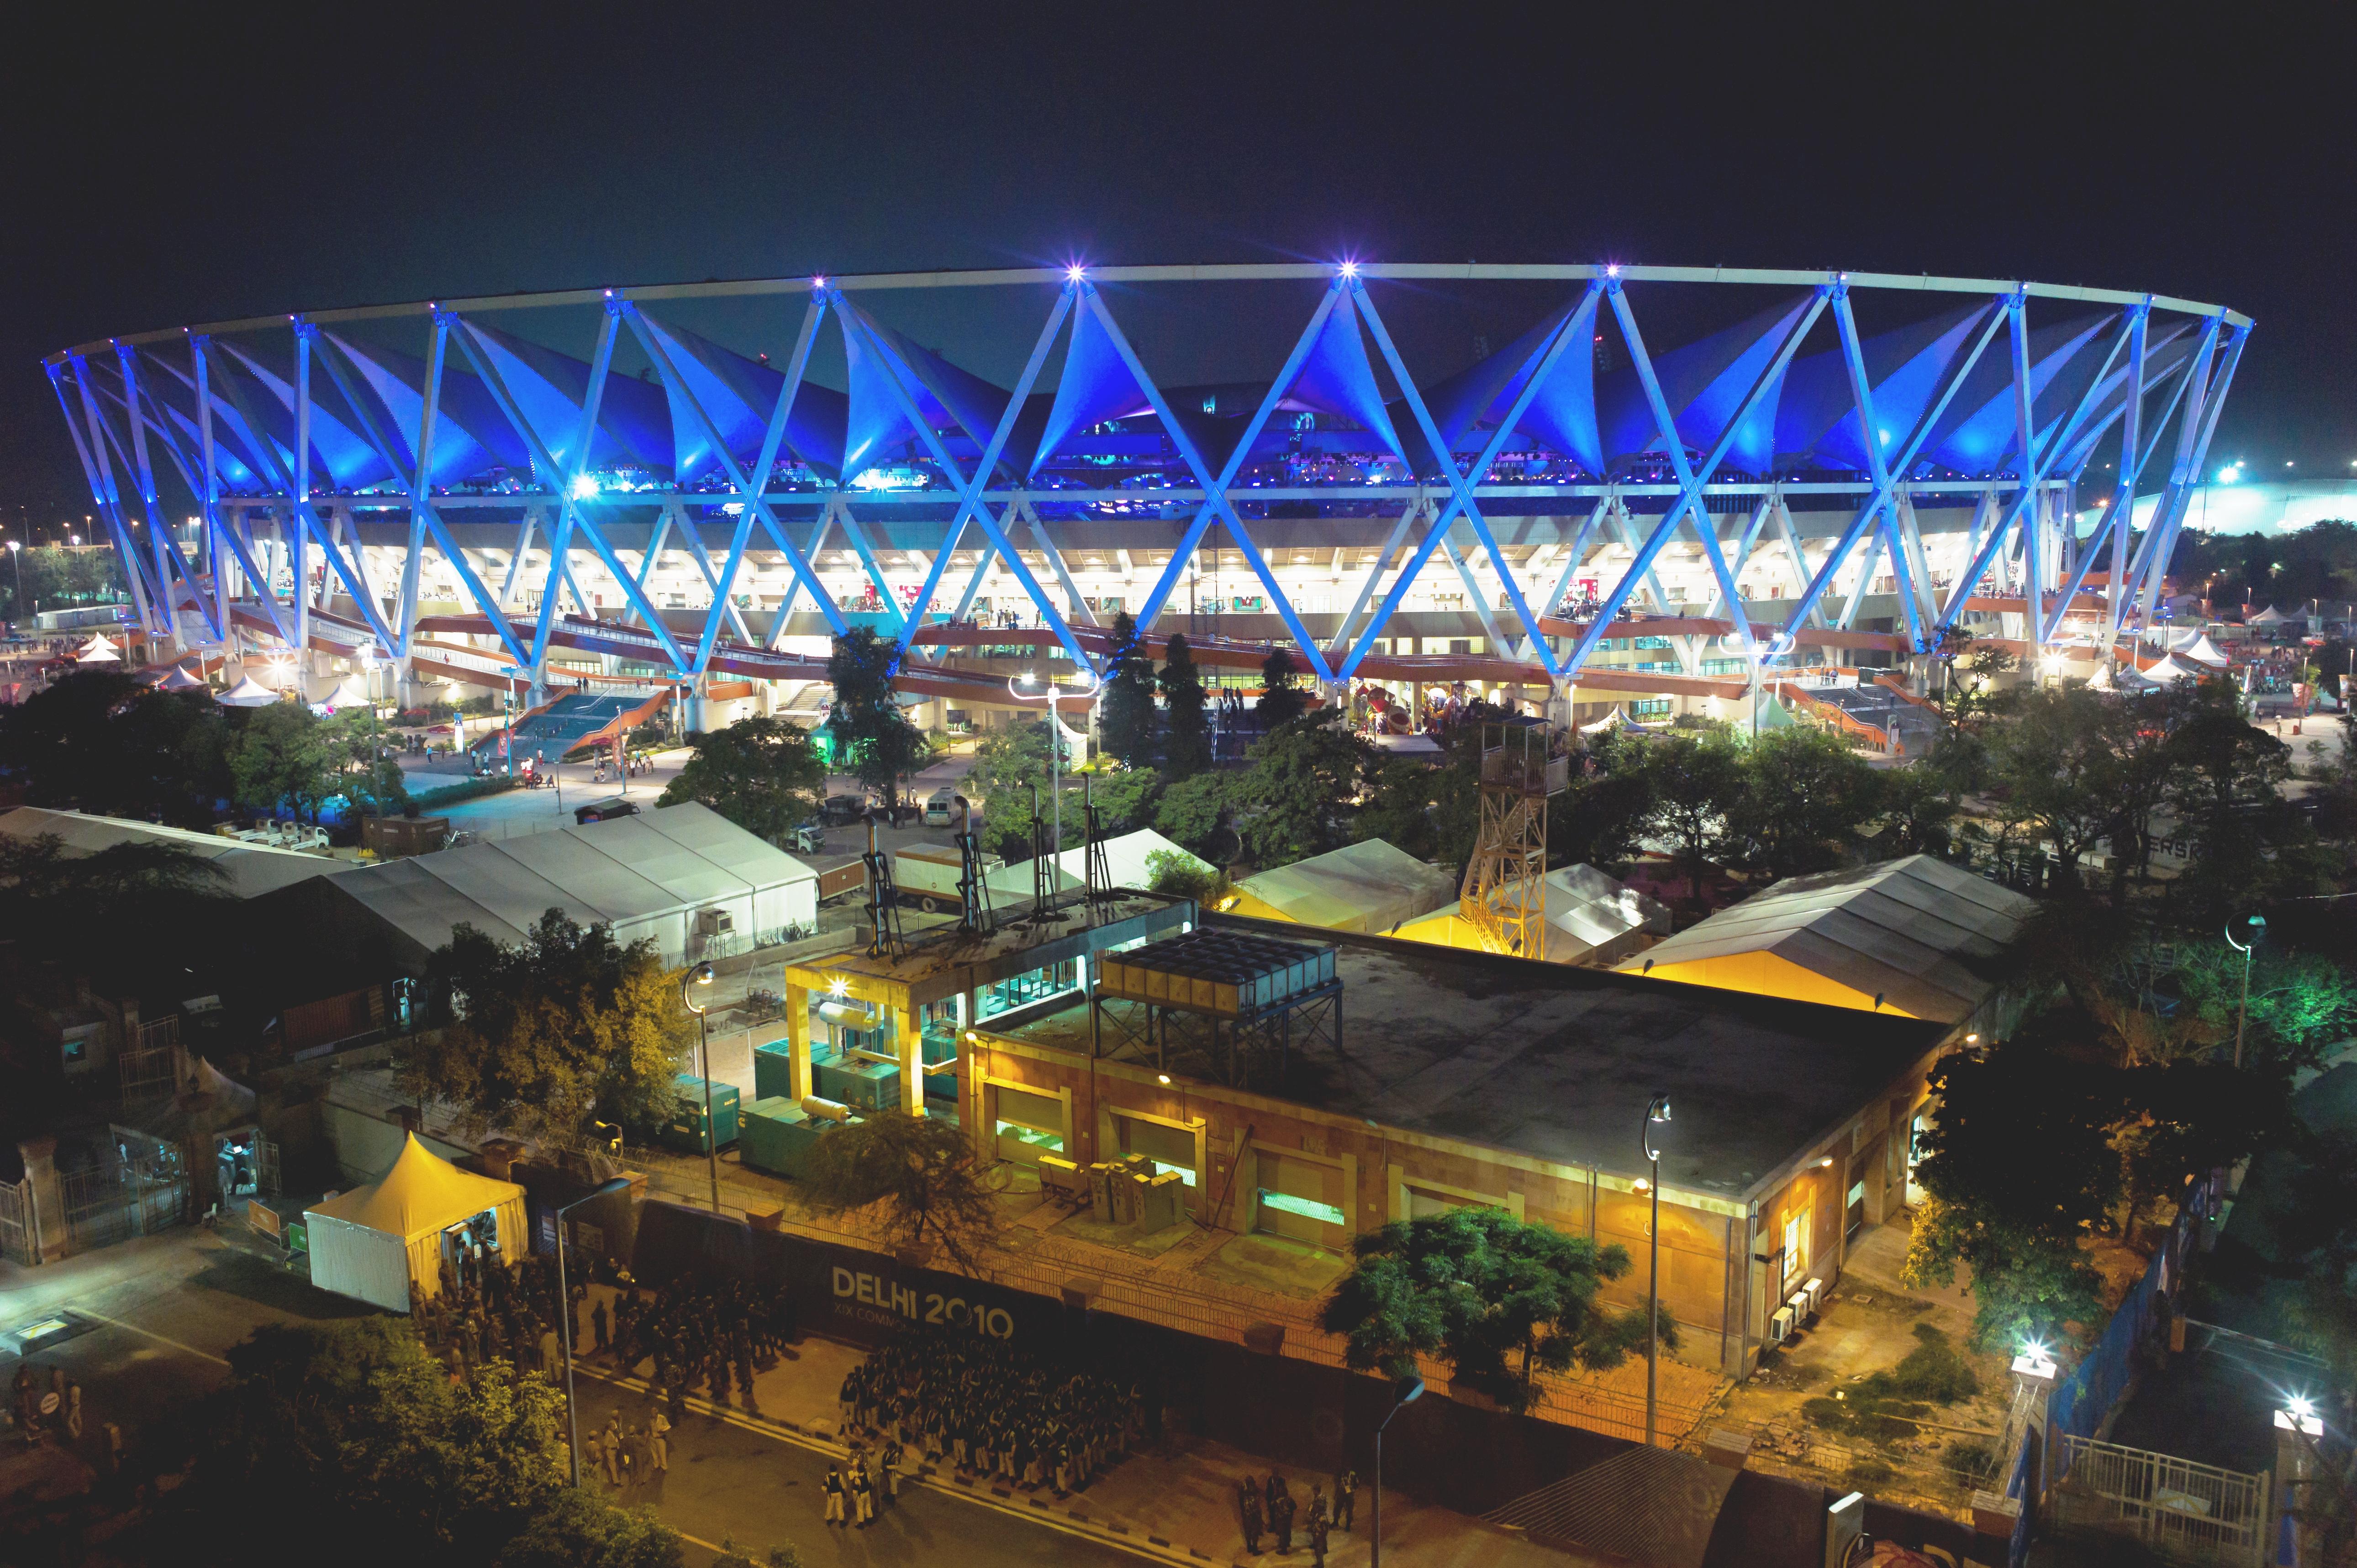 Jawaharlal Nehru Stadium Pune The Jawaharlal Nehru Stadium